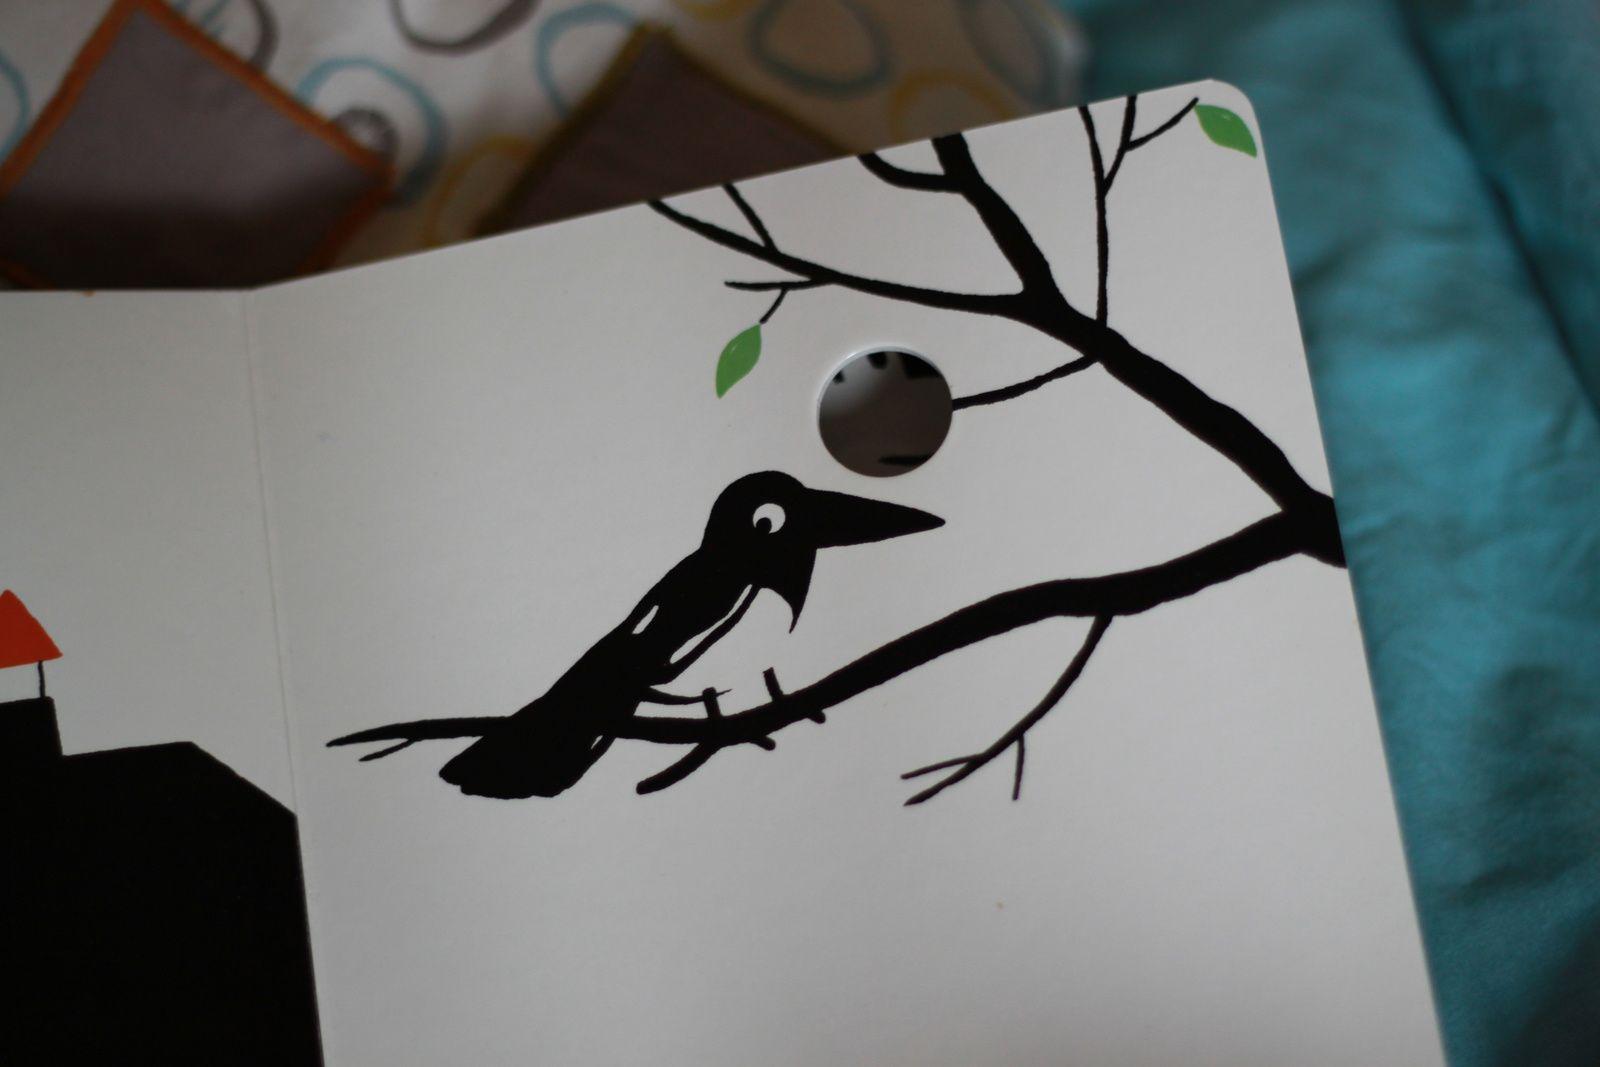 Le livre des tout petits en noir et blanc...trop mignon avec des petits trous qui cachent une autre bête!